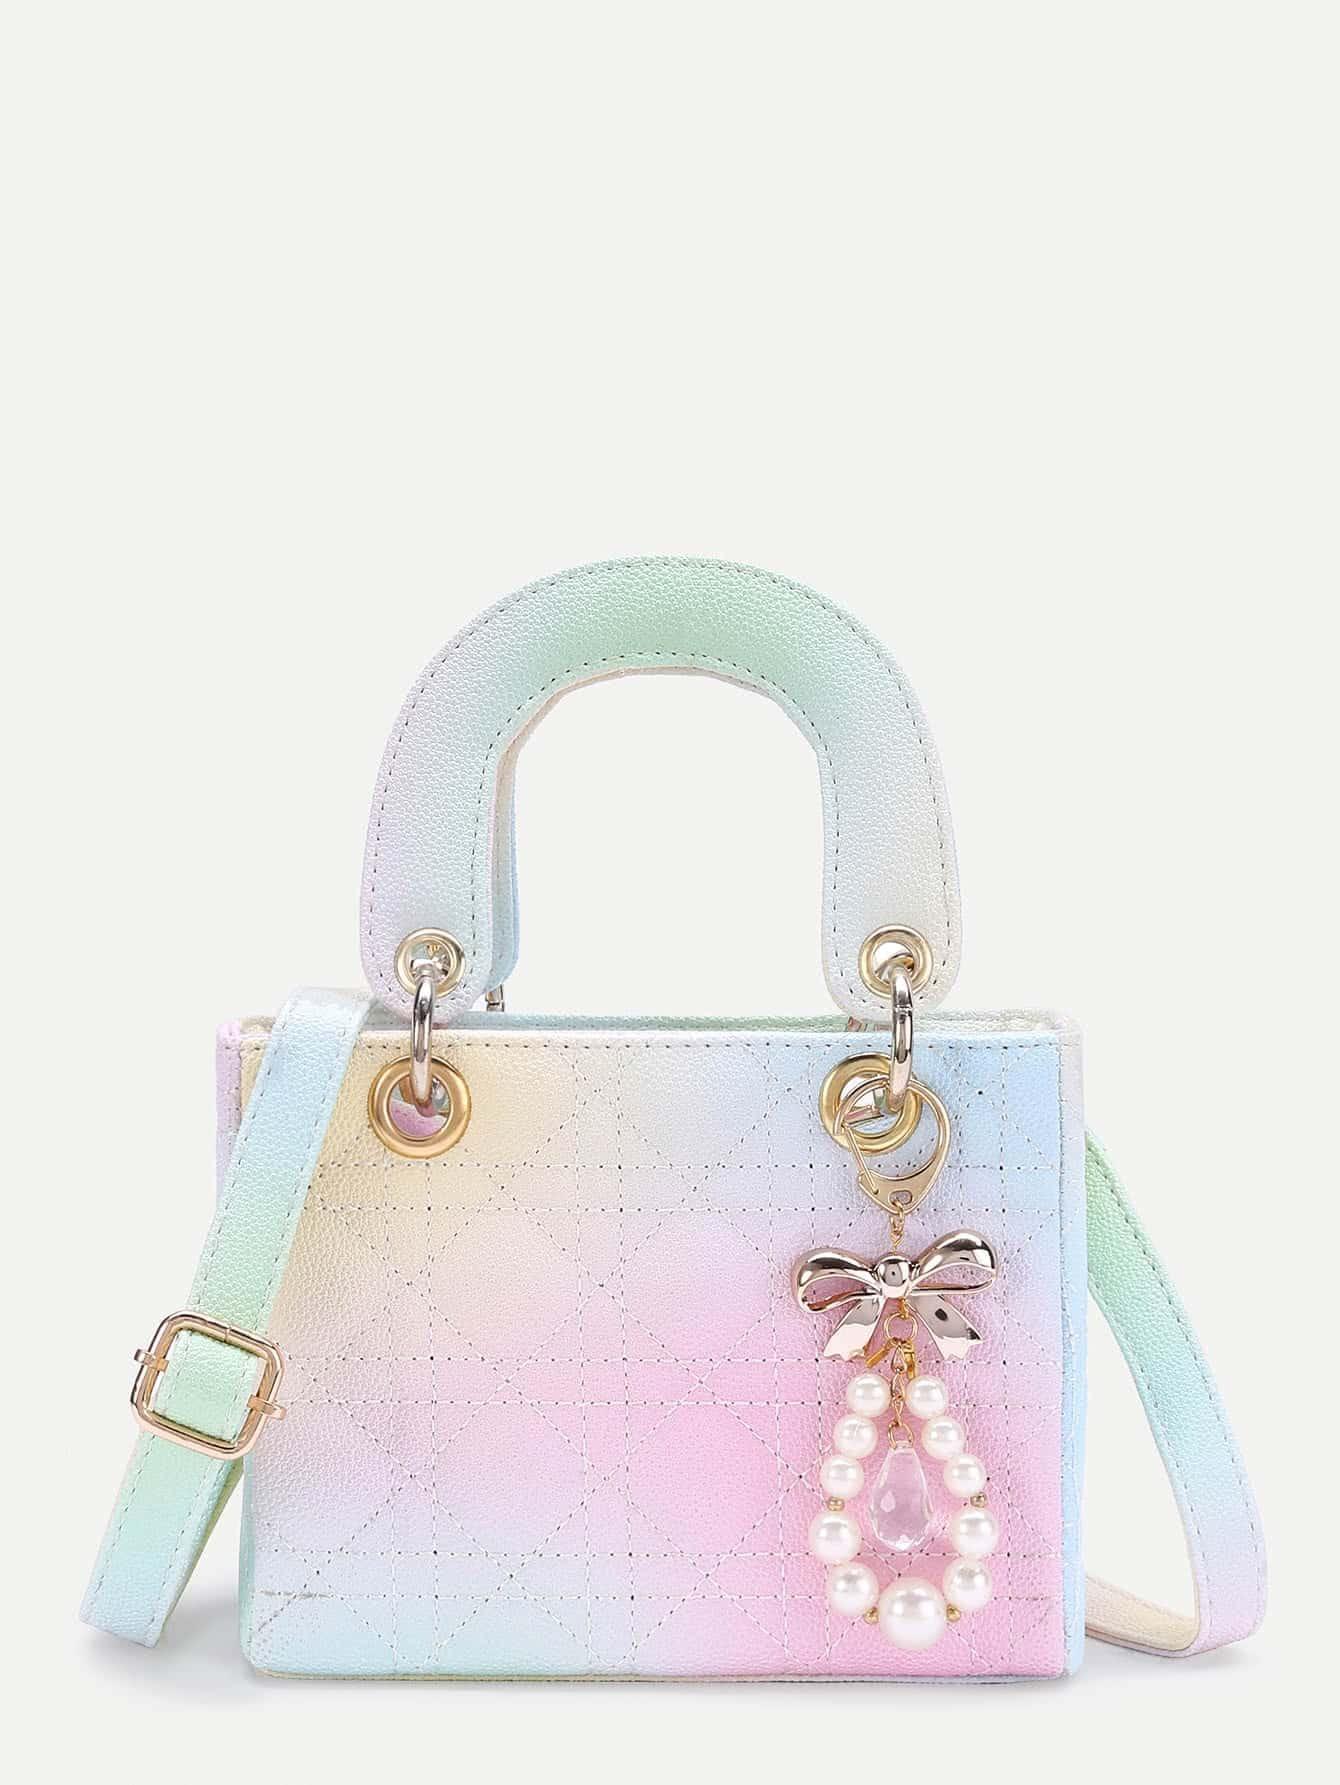 Faux Pearl Embellished Shoulder Bag With Handle